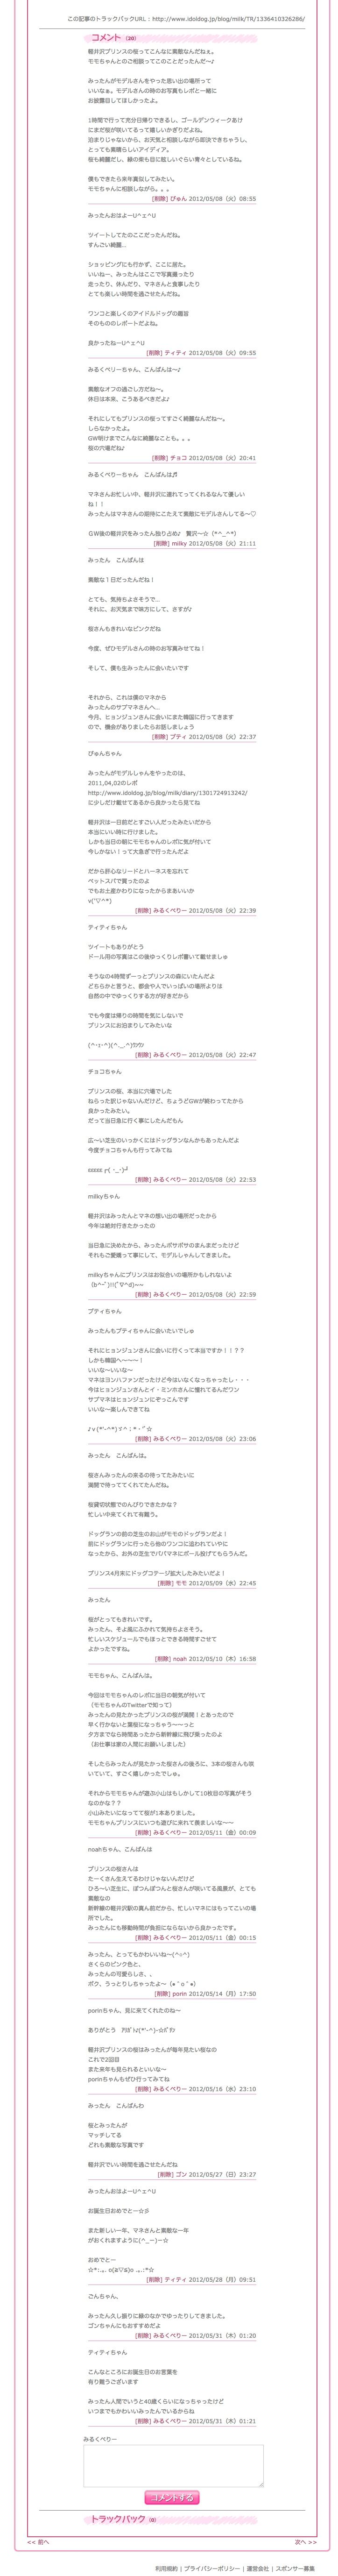 軽井沢プリンスの森の桜さん - バージョン 2